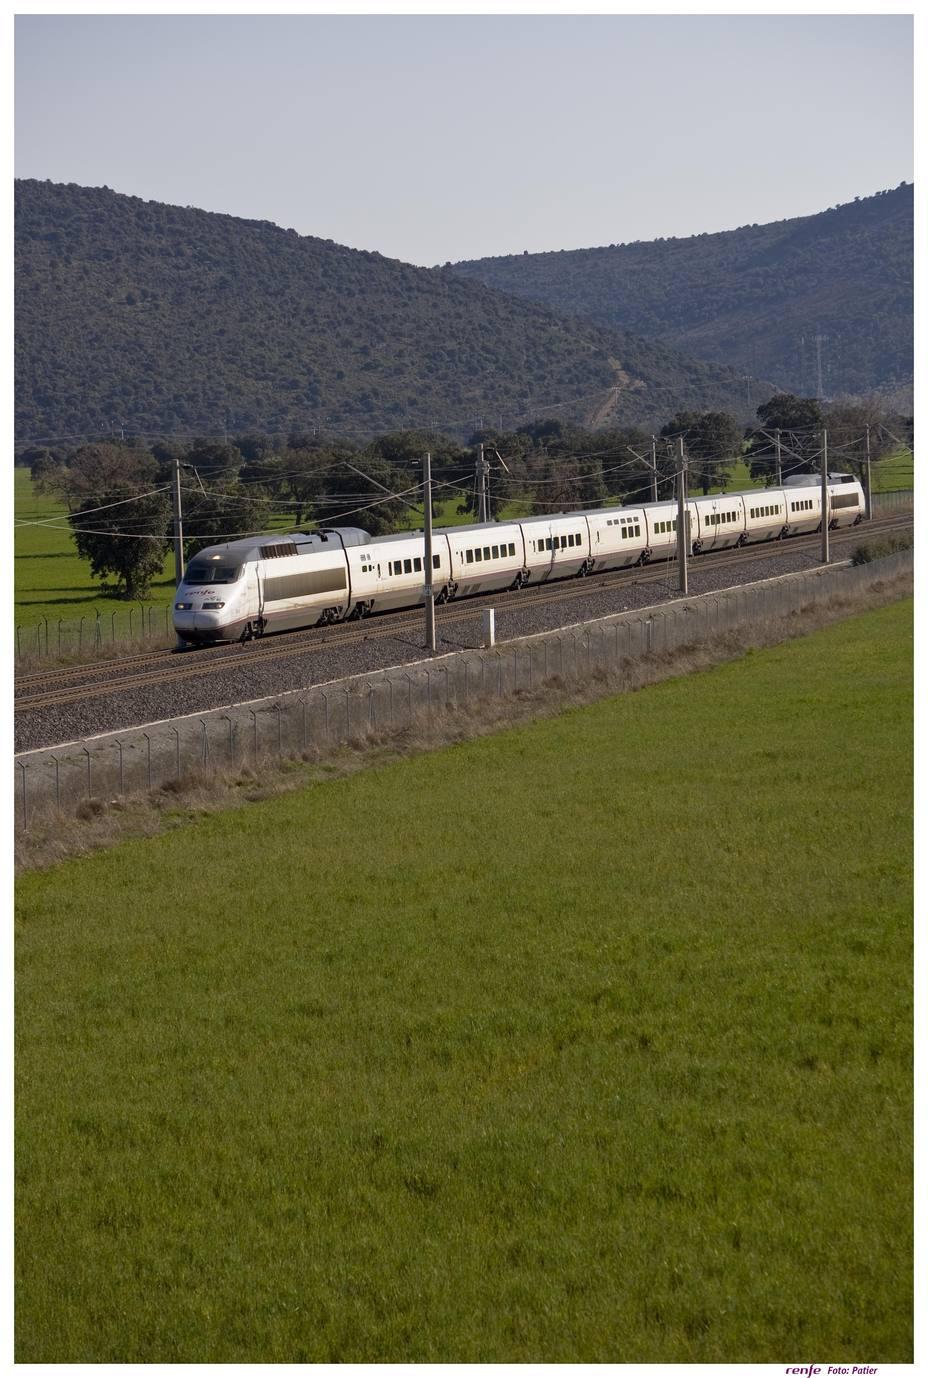 Los interventores de tren de Renfe, convocados a una huelga el 14 de diciembre